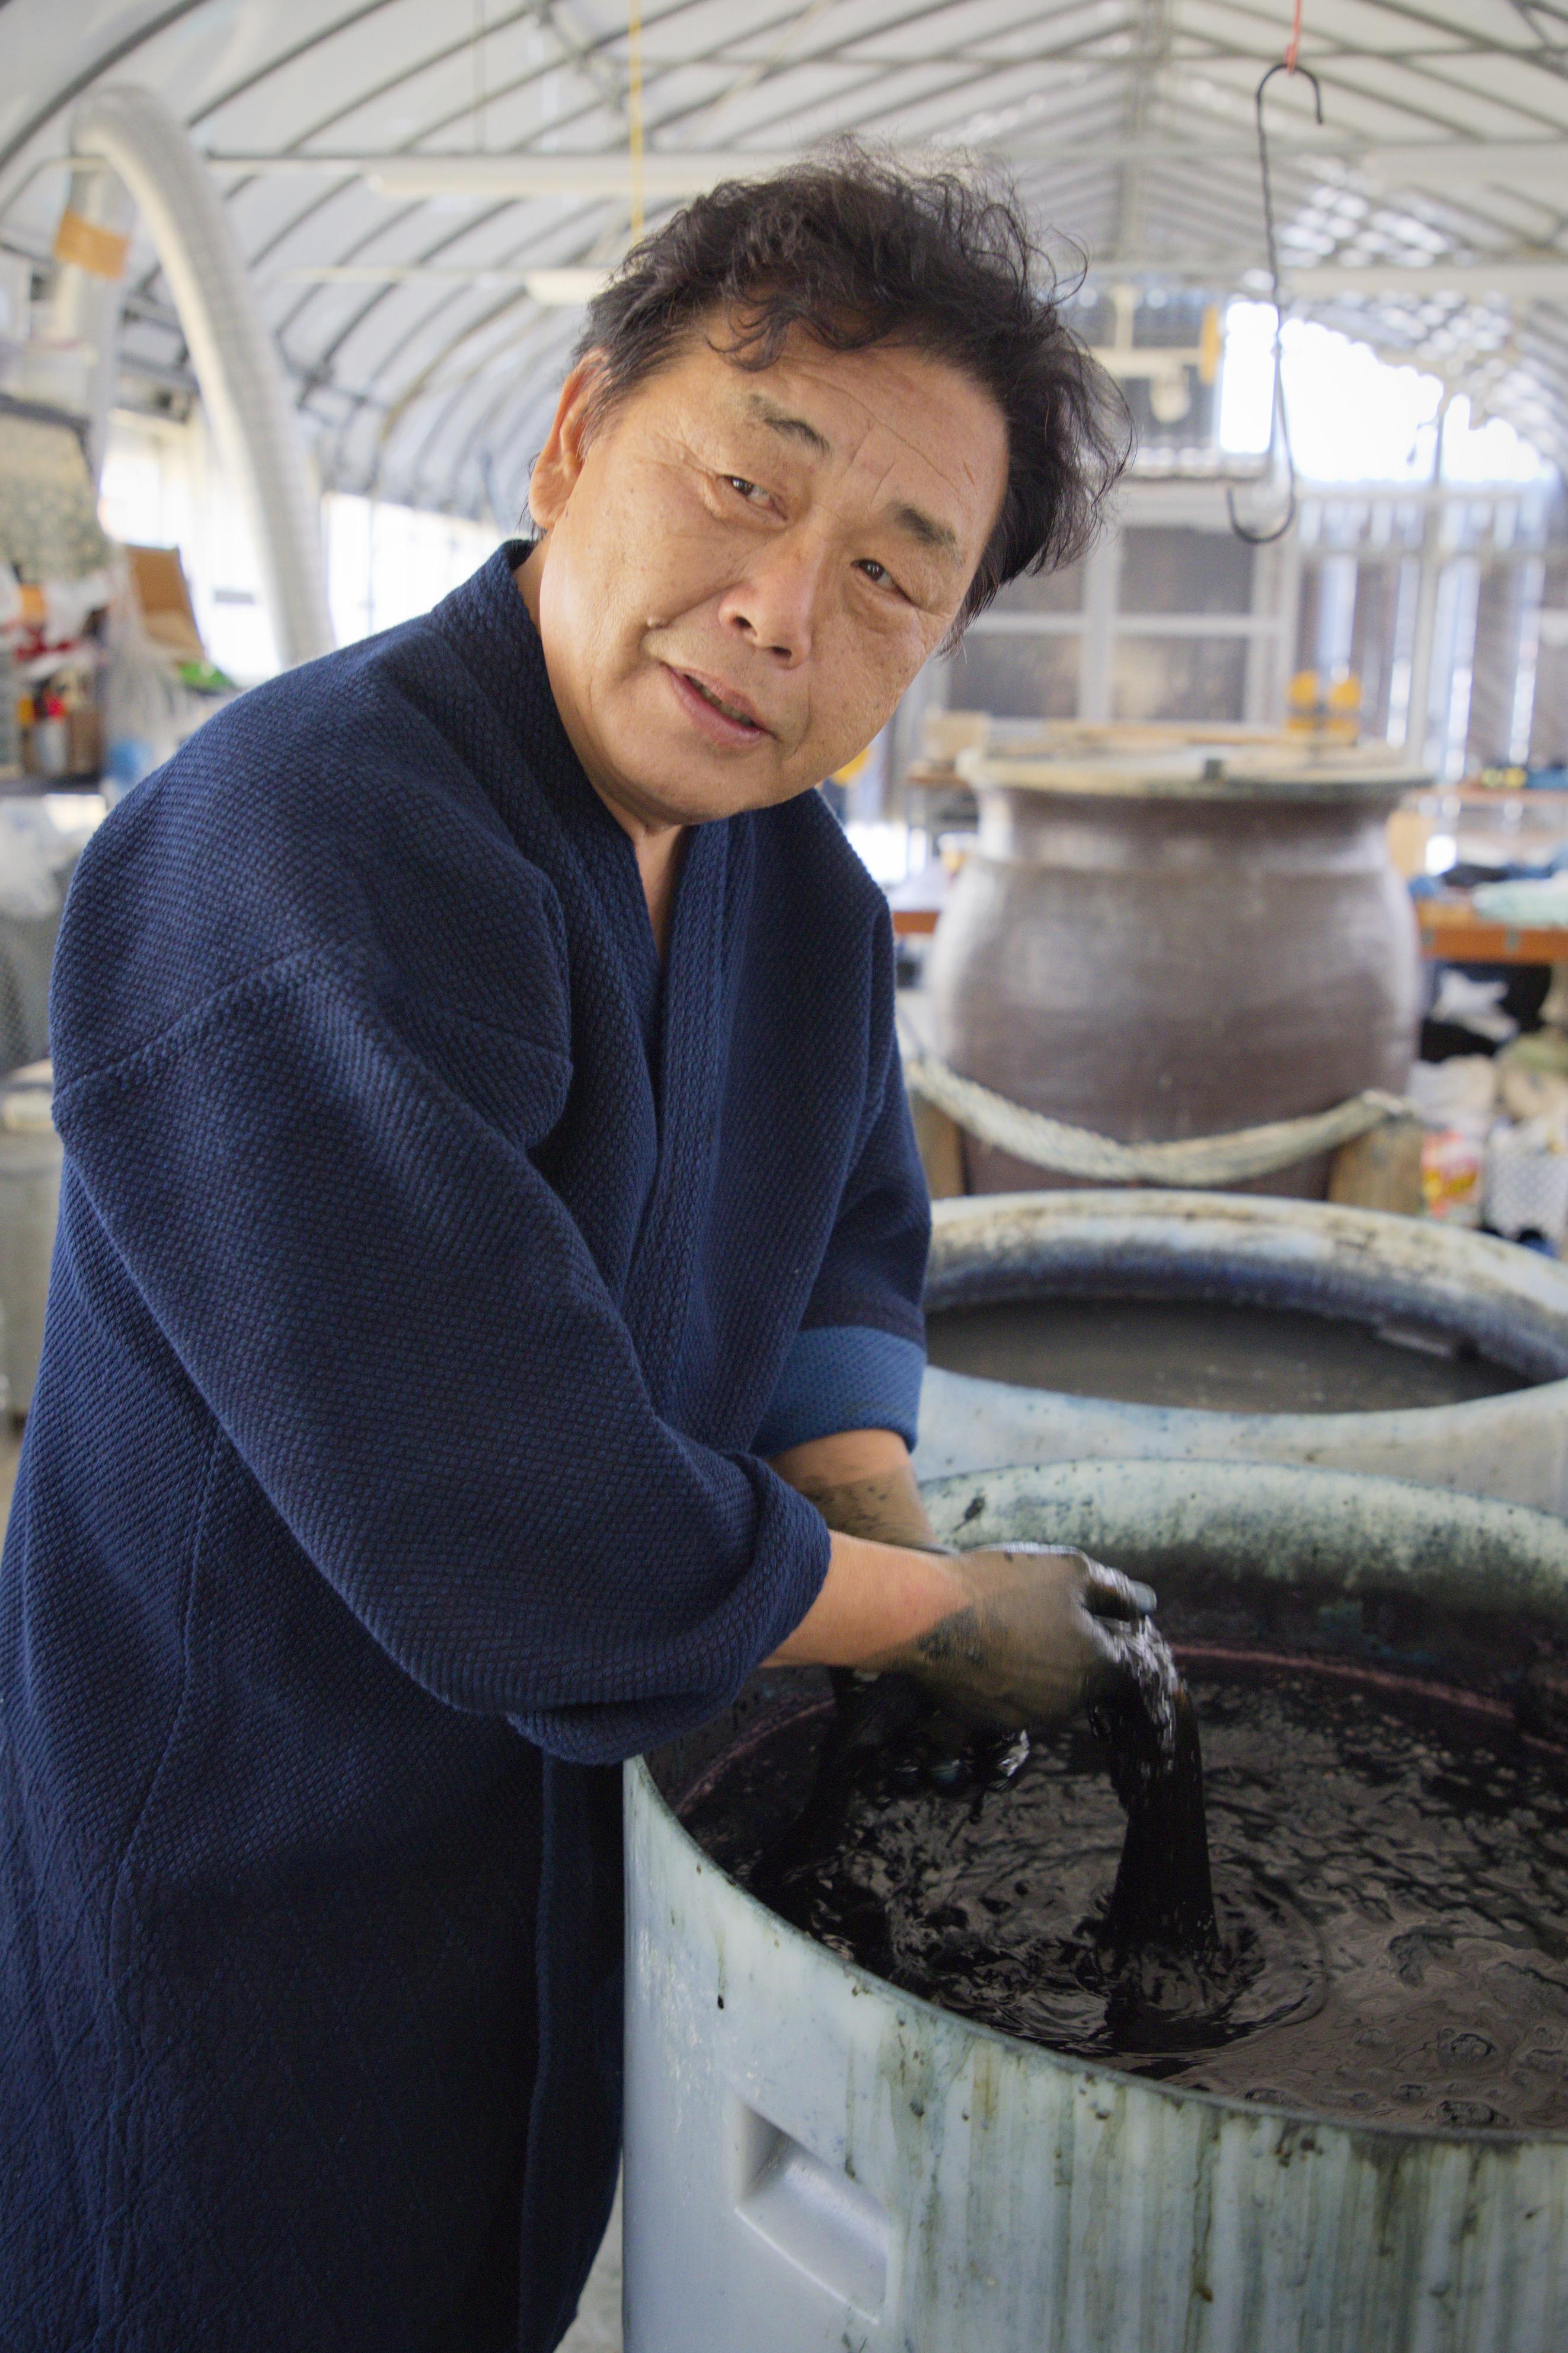 デニムメーカー「ジャパンブルー」の社長、真鍋寿男。世界レベルの「本物」を目指す=岡山県倉敷市